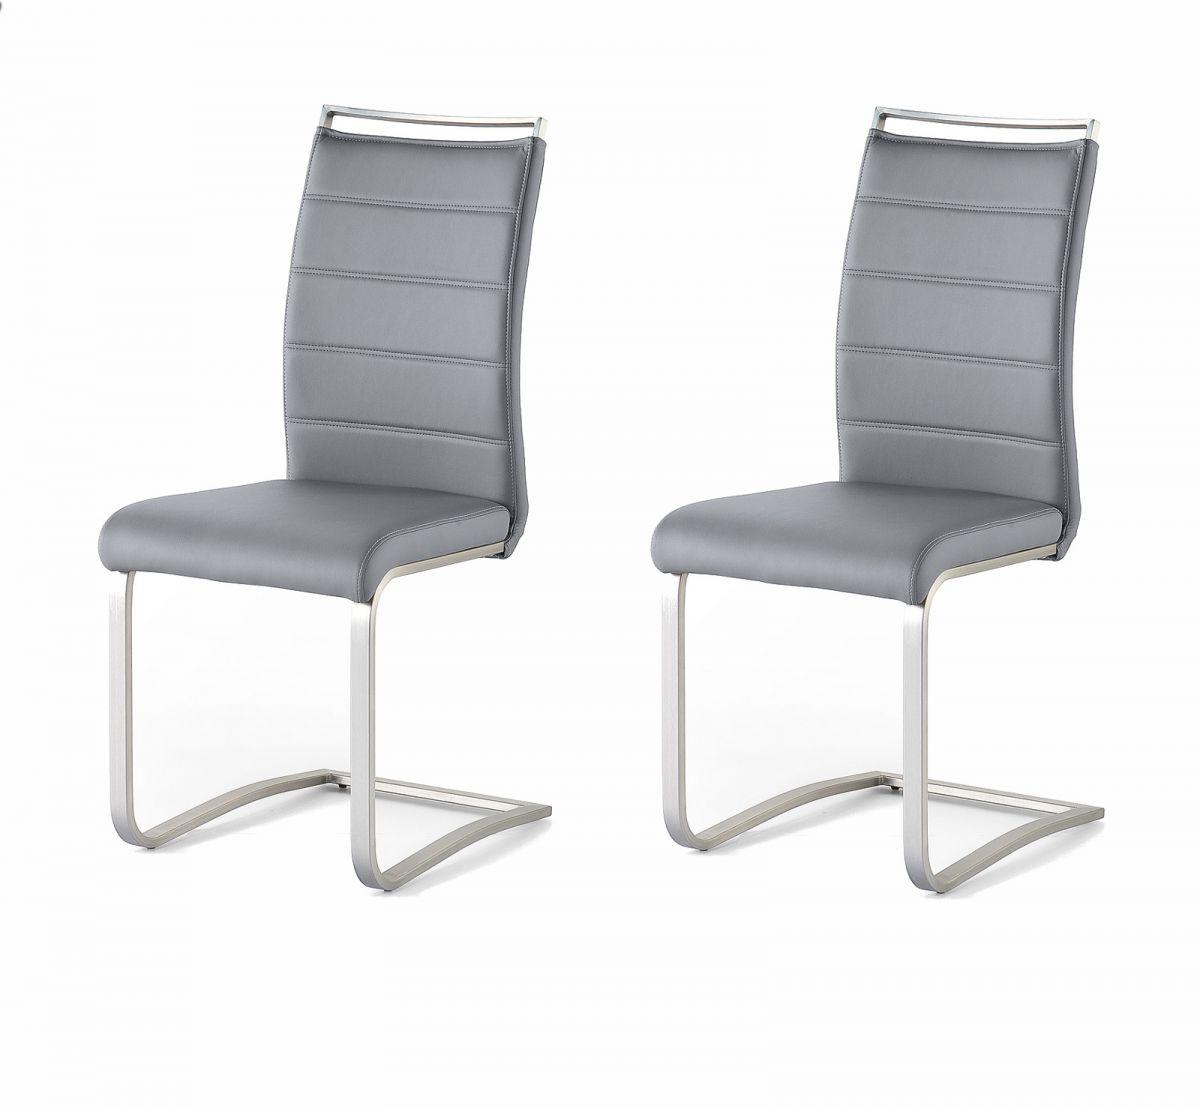 2 x Stuhl Pescara Grau Schwinger Kunstleder